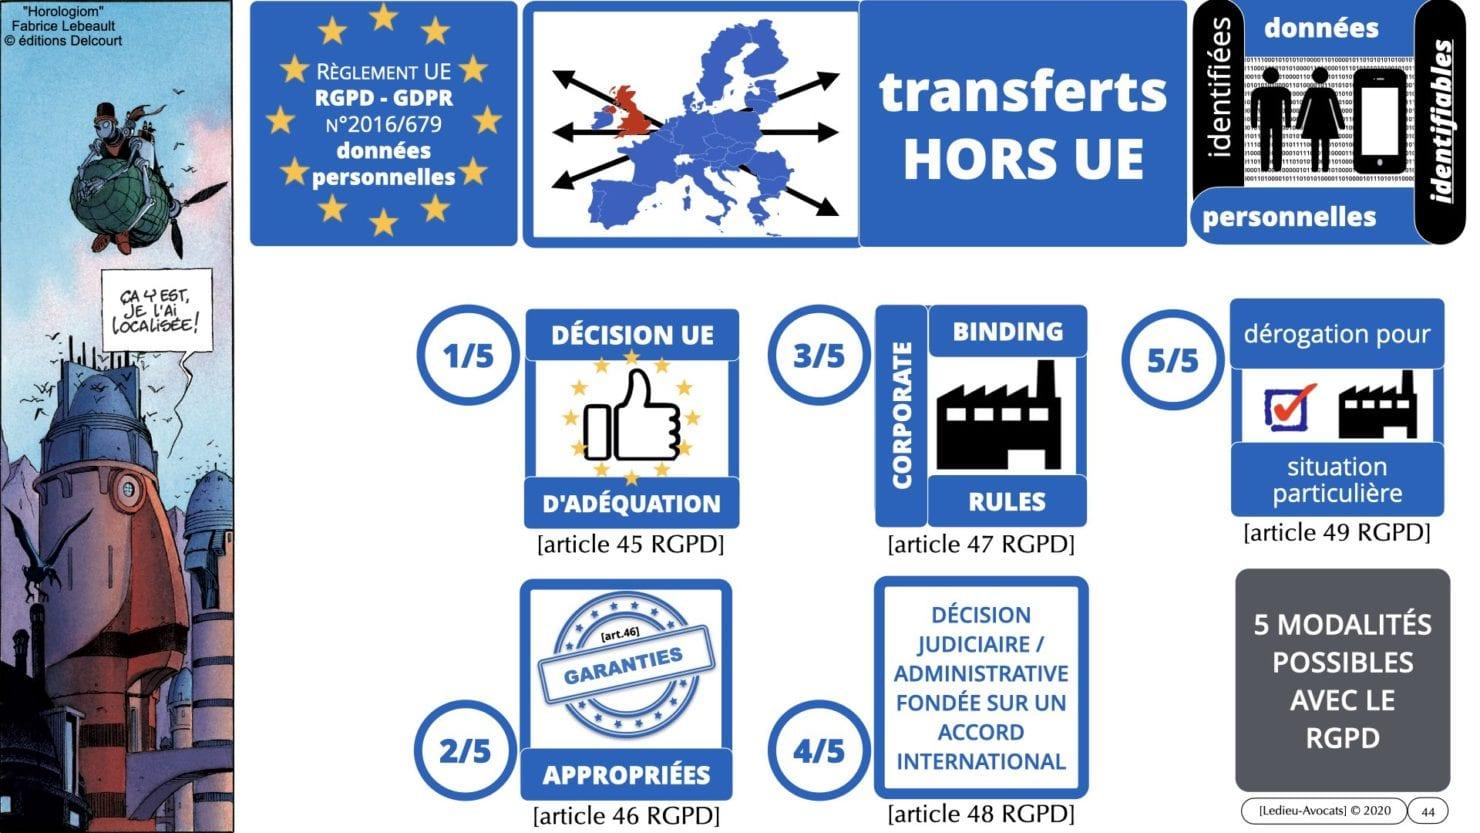 transfert de données HORS UE avec le RGPD